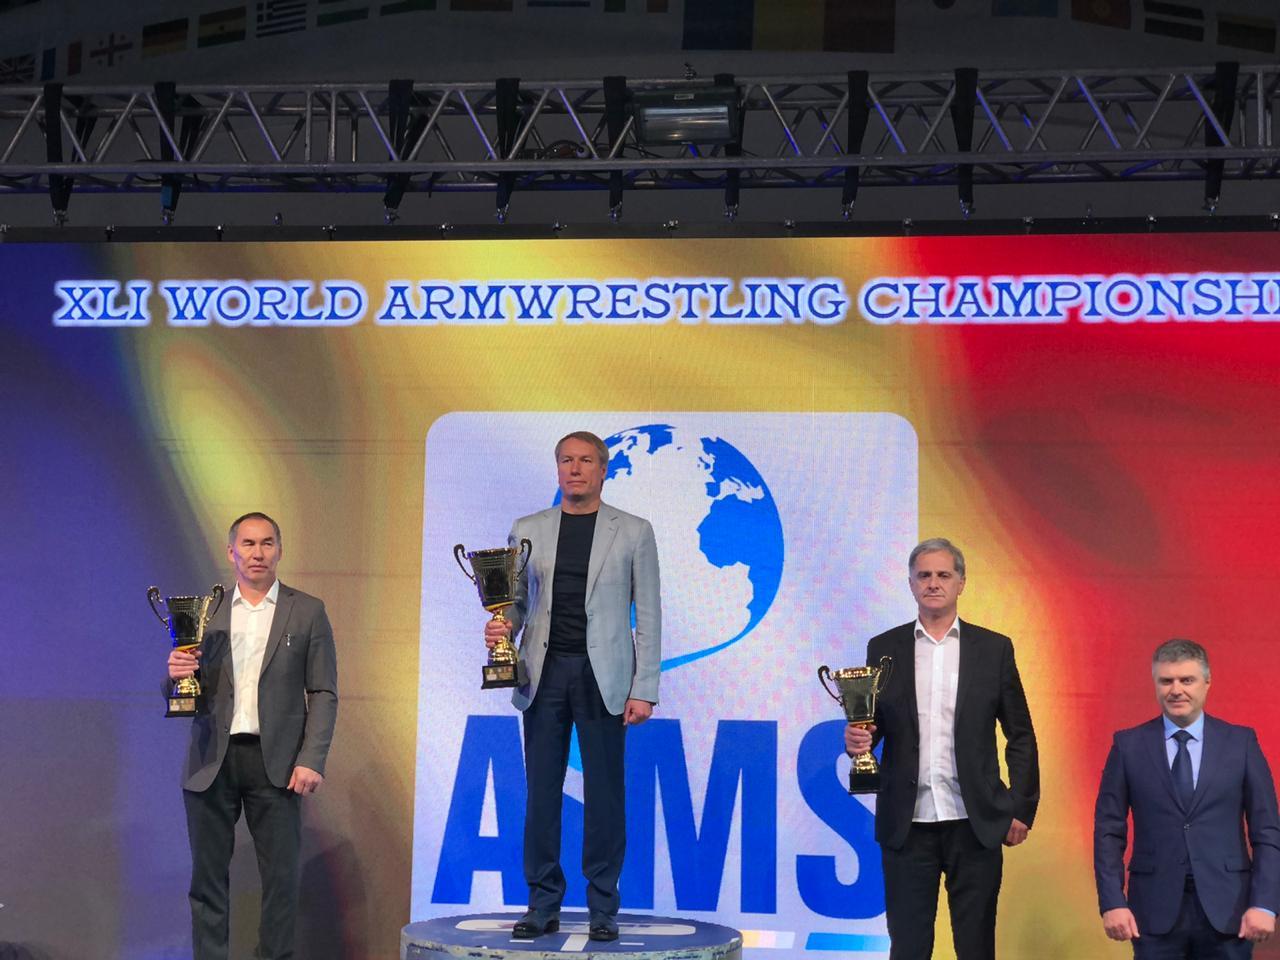 Сборная команда России по армрестлингу выиграла общекомандный зачет чемпионата мира в женской категории и стала второй – в мужской